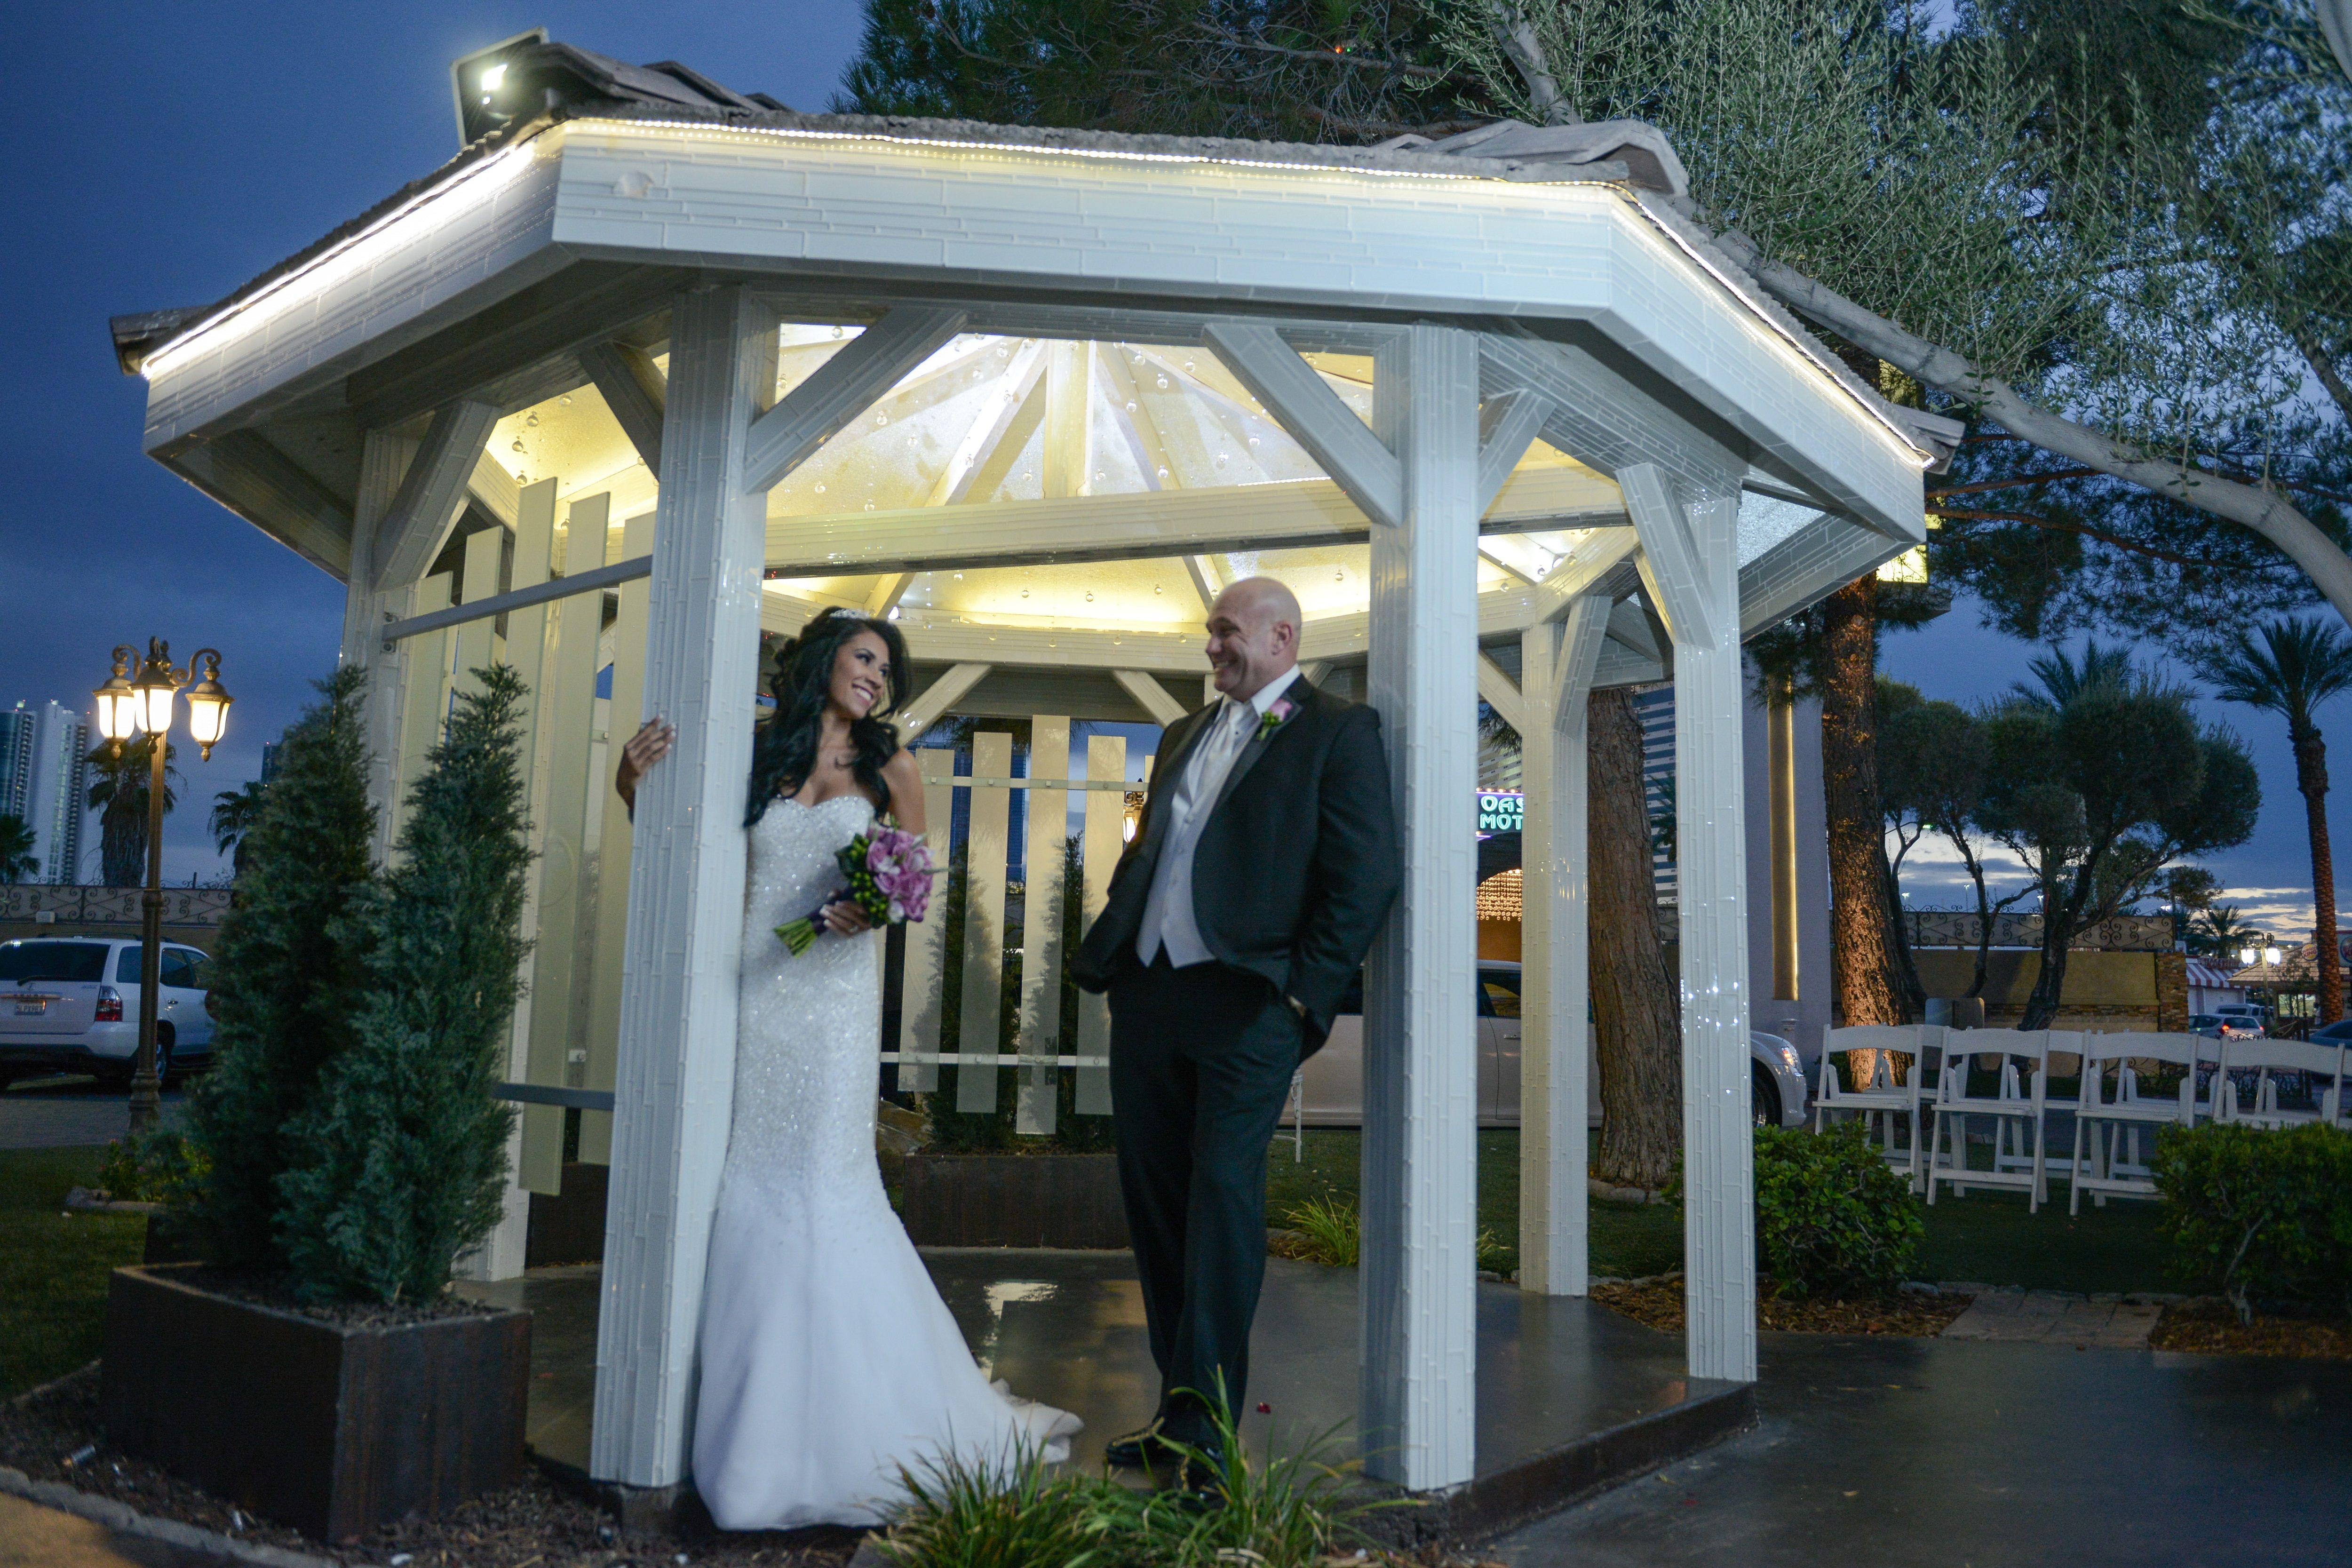 Chapel of the Flowers Garden Gazebo Las Vegas Wedding